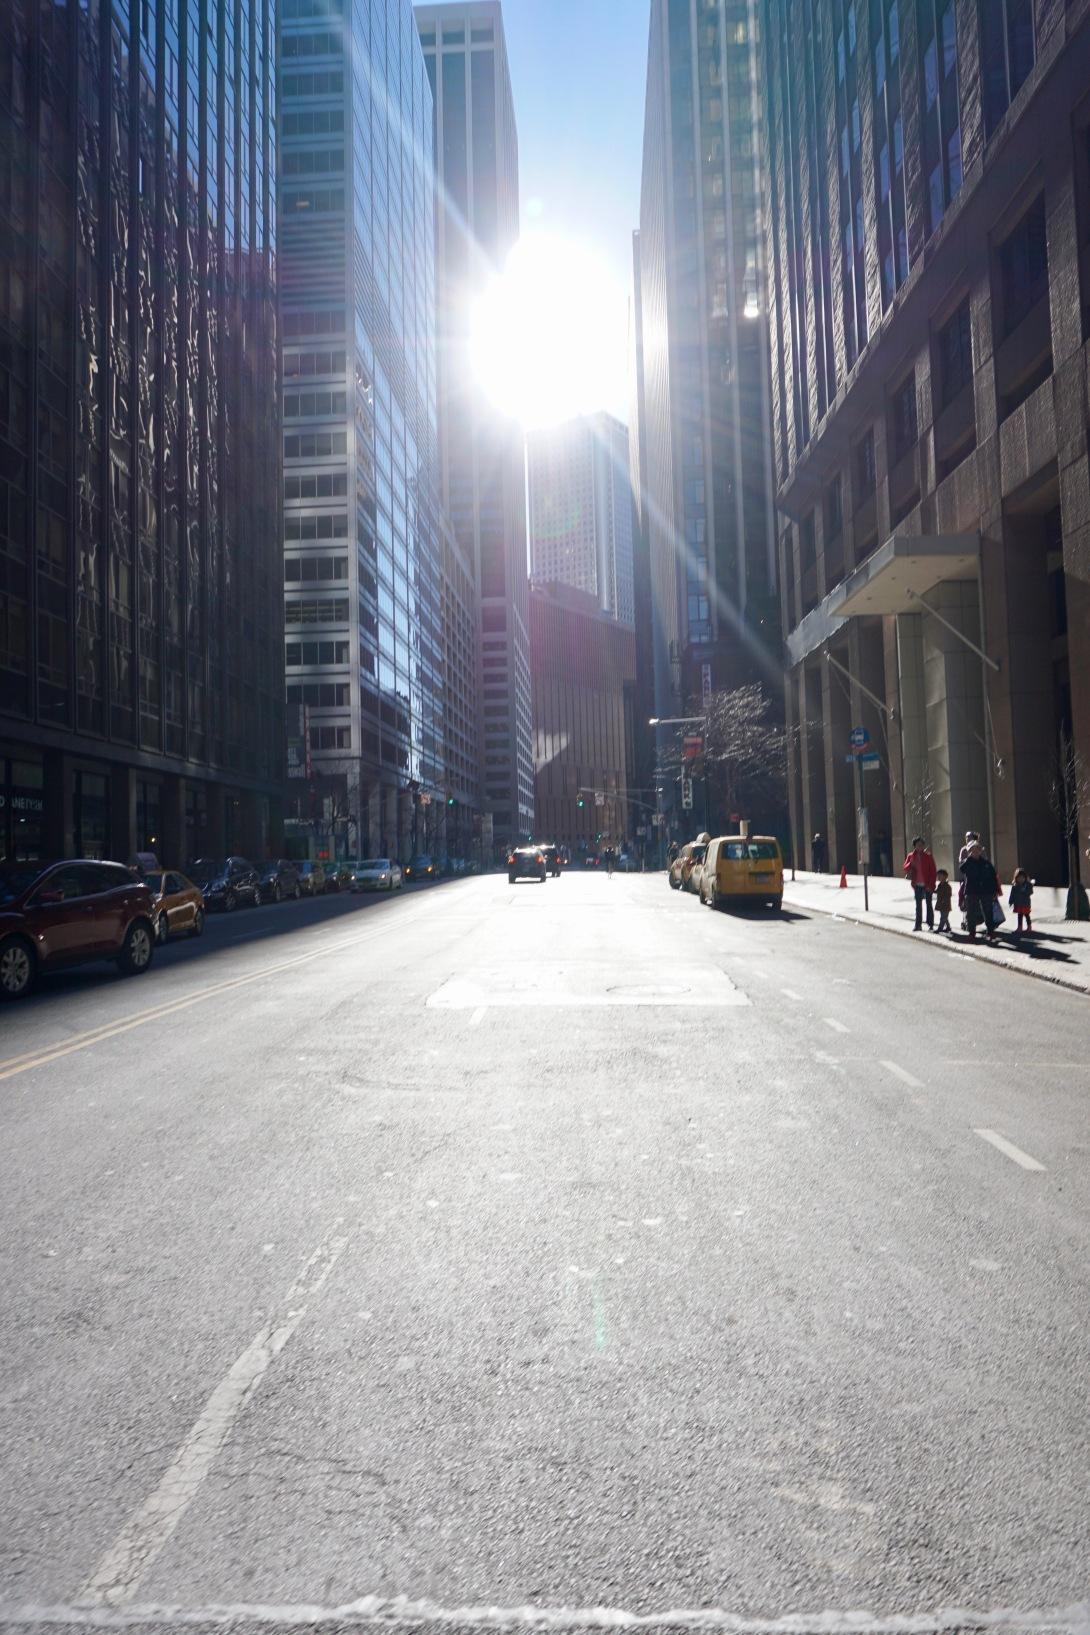 rue soleil